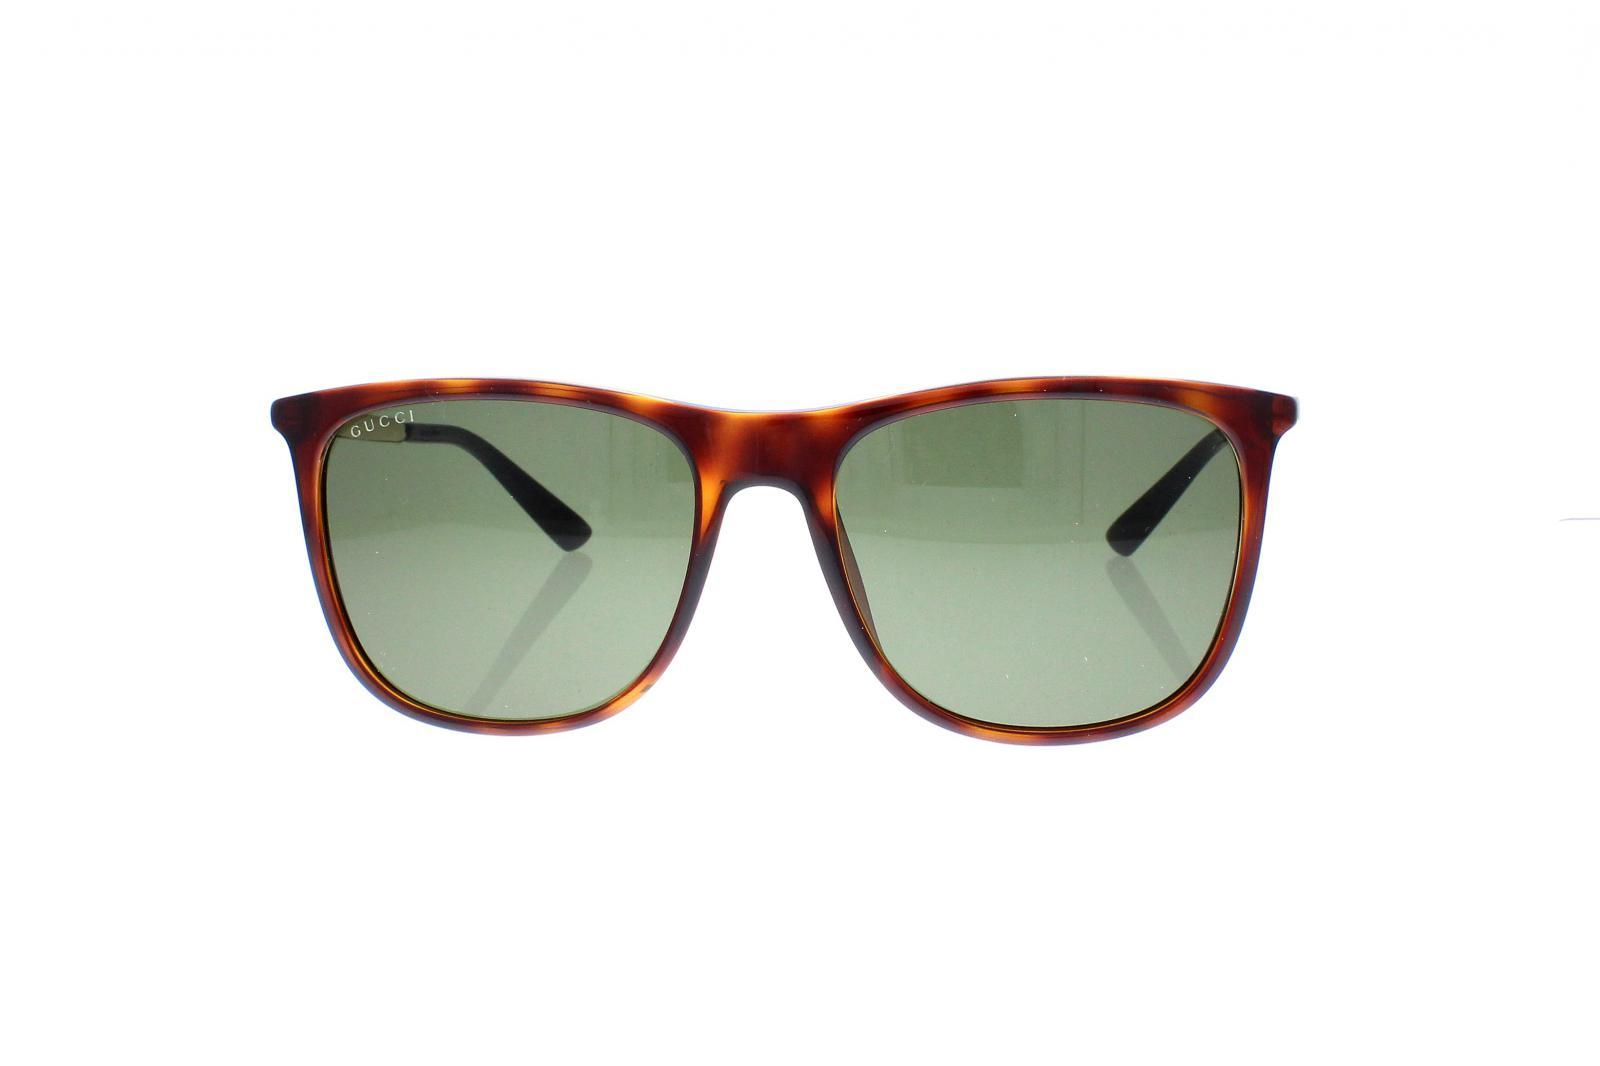 08cd5c4ad96755 Lunettes de Soleil Gucci Gg 1129 s Qwp pas cher - Optical Discount